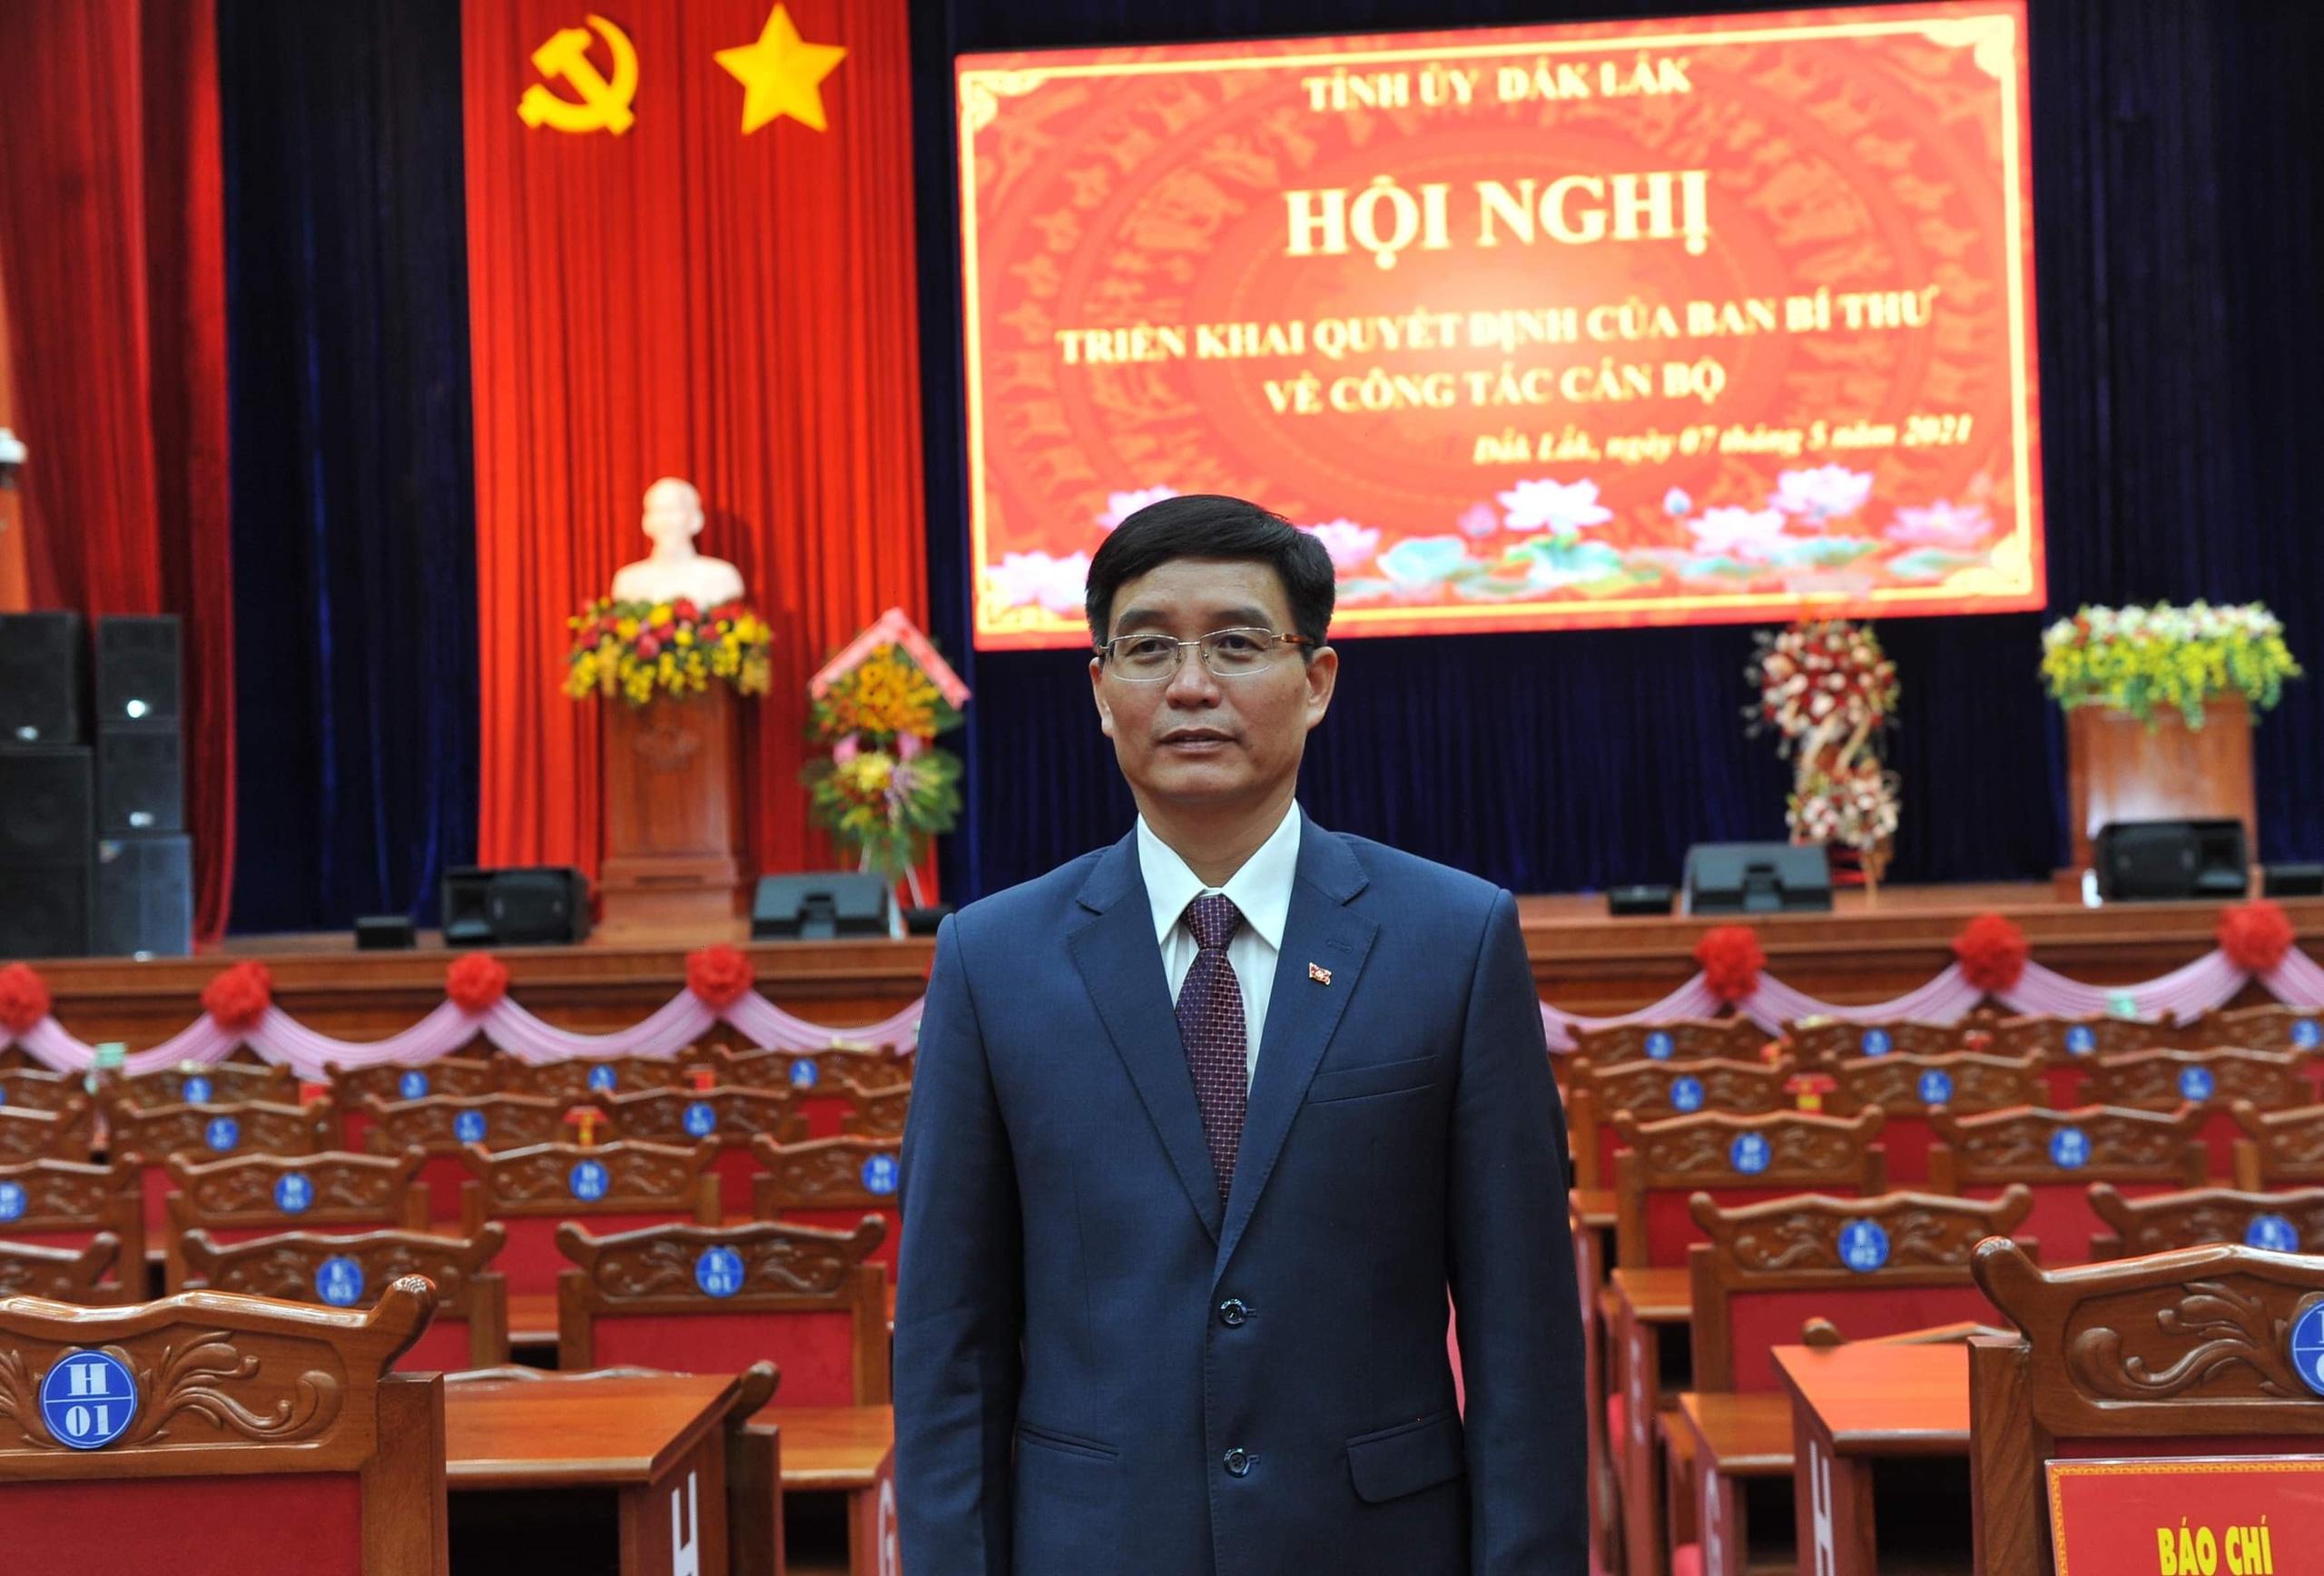 Chân dung tân Bí thư Tỉnh ủy Đắk Lắk Nguyễn Đình Trung - Ảnh 1.